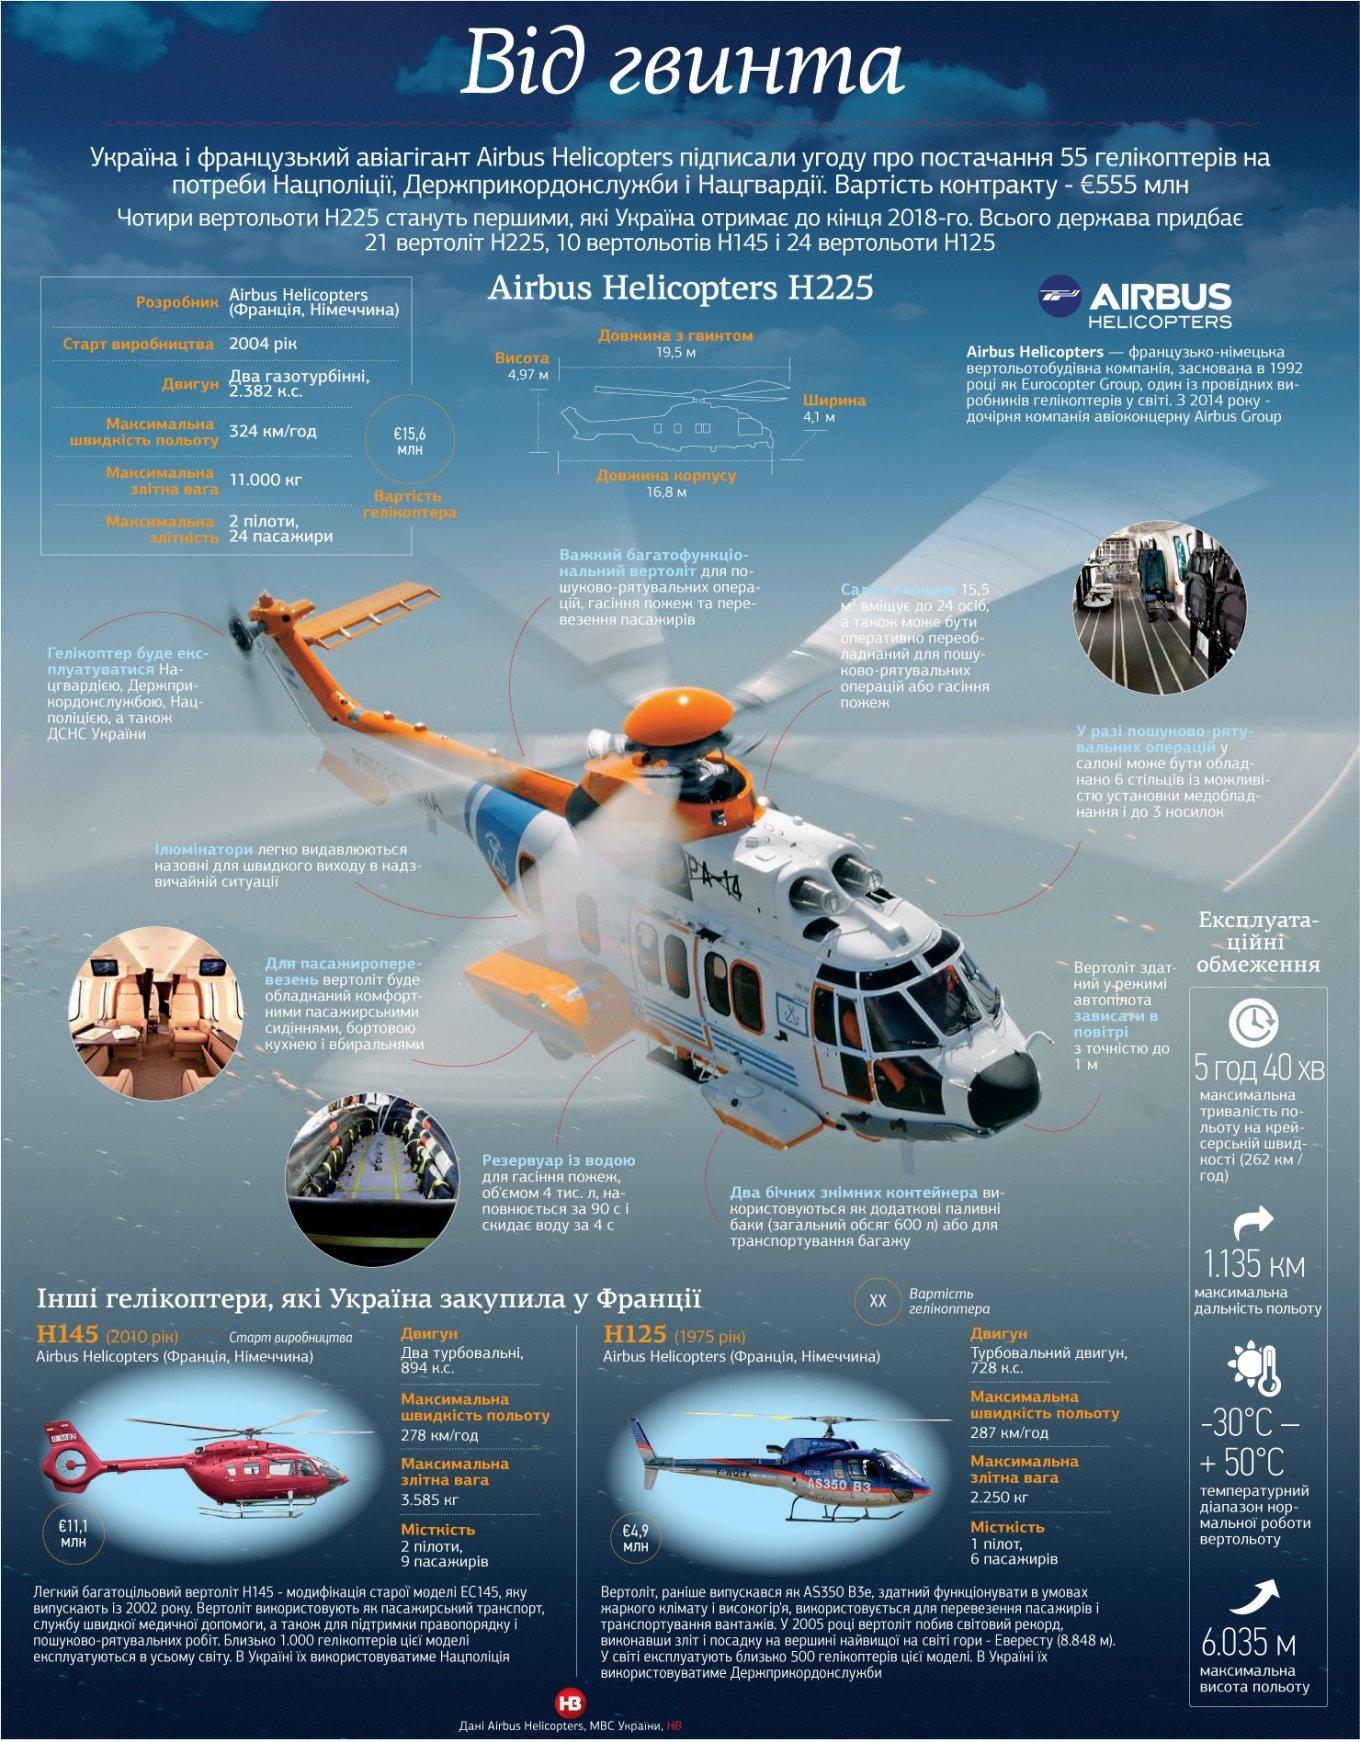 Airbus Н-225 Super Puma для НГУ, ЕС 225 LP, Національна гвардія України, Defense Express